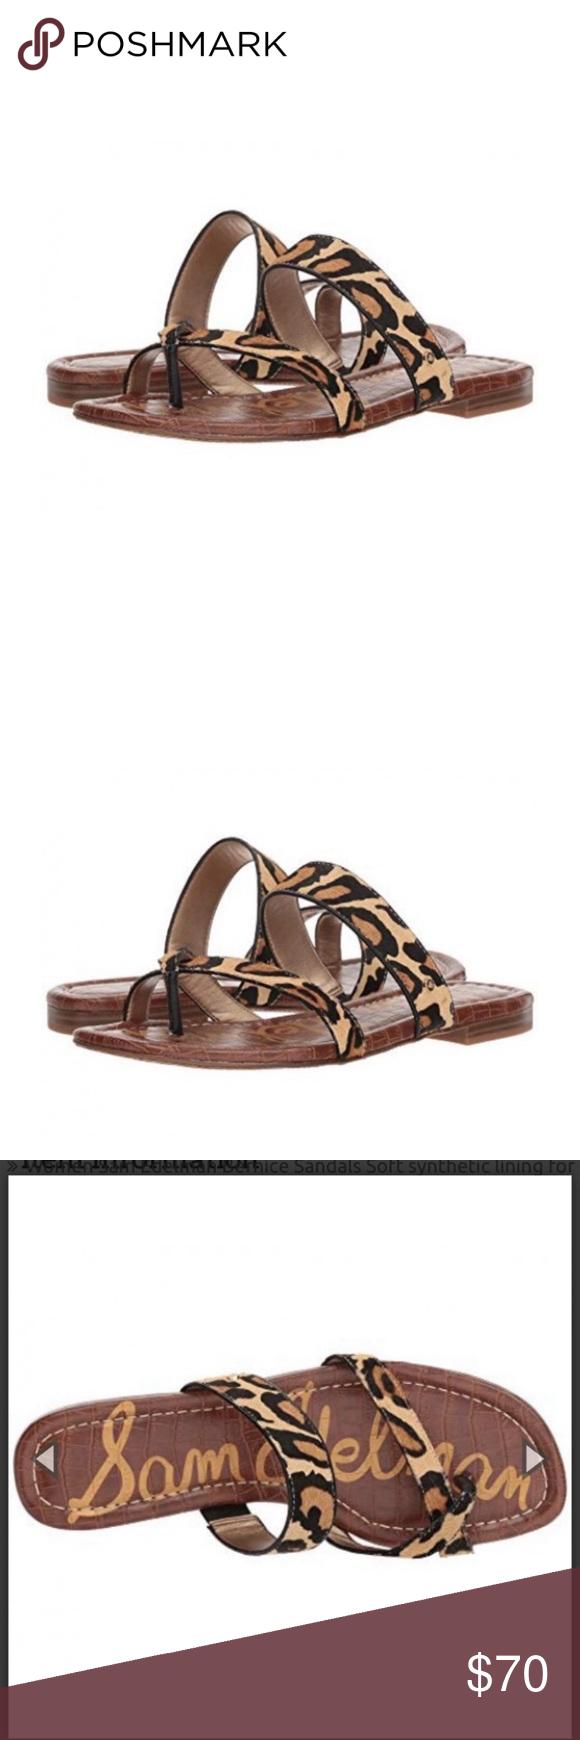 Sam Edelman Bernice sandal | Sam